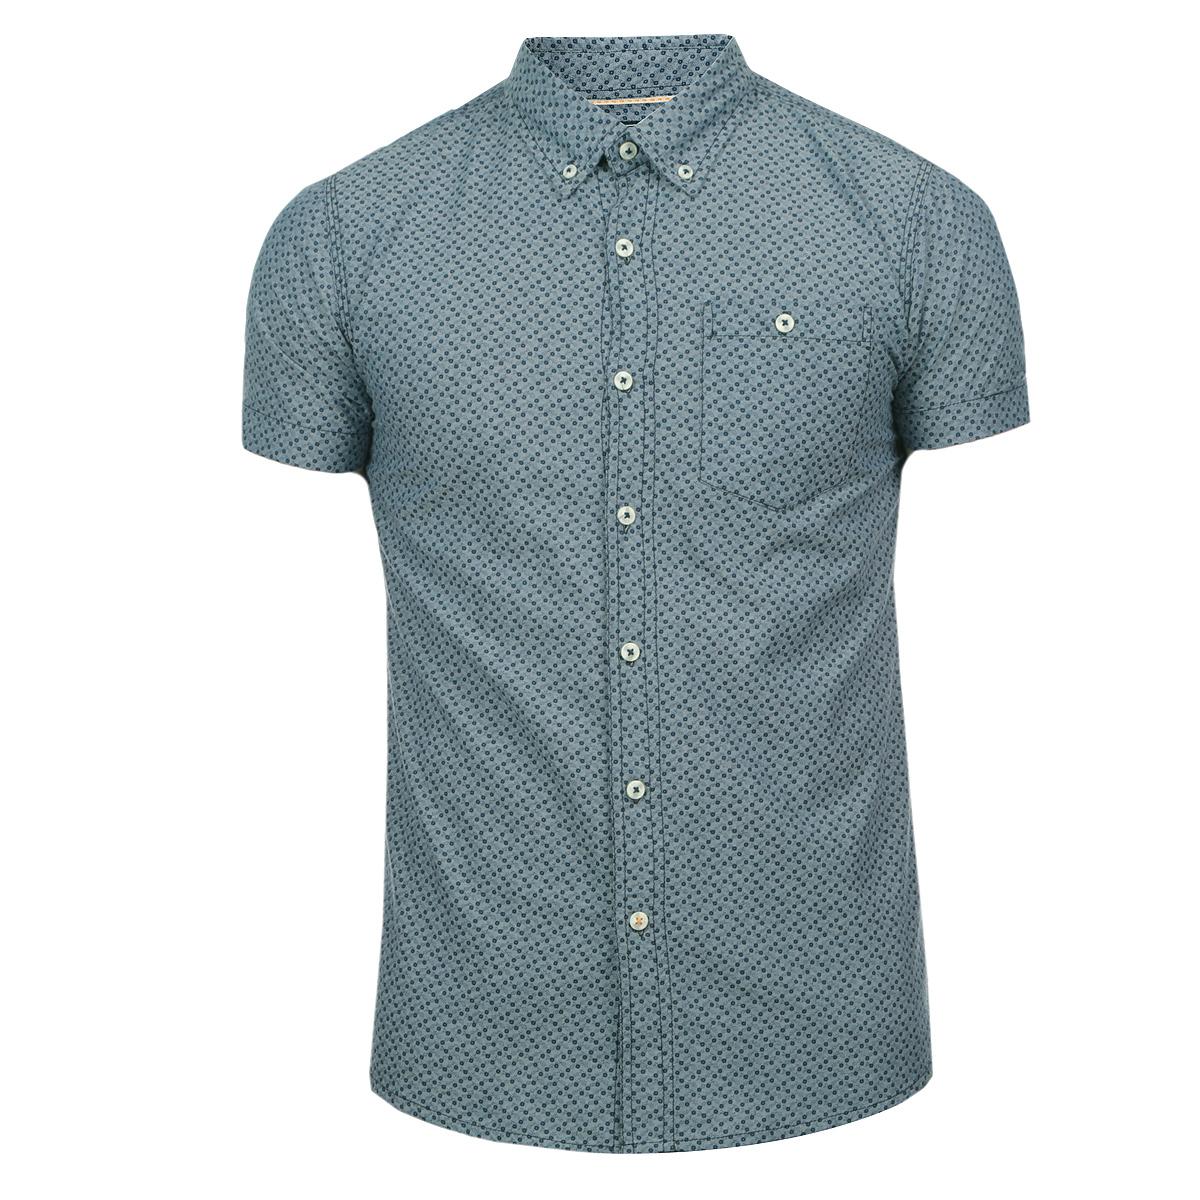 10152312 57BОтличная мужская рубашка Broadway с принтом, выполненная из хлопка, обладает высокой теплопроводностью, воздухопроницаемостью и гигроскопичностью, позволяет коже дышать, тем самым обеспечивая наибольший комфорт при носке даже самым жарким летом. Рубашка приталенного кроя с короткими рукавами, полукруглым низом, отложным воротником застегивается на пуговицы. Рубашка дополнена на груди накладным карманом на пуговице. Такая рубашка будет дарить вам комфорт в течение всего дня и послужит замечательным дополнением к вашему летнему гардеробу.